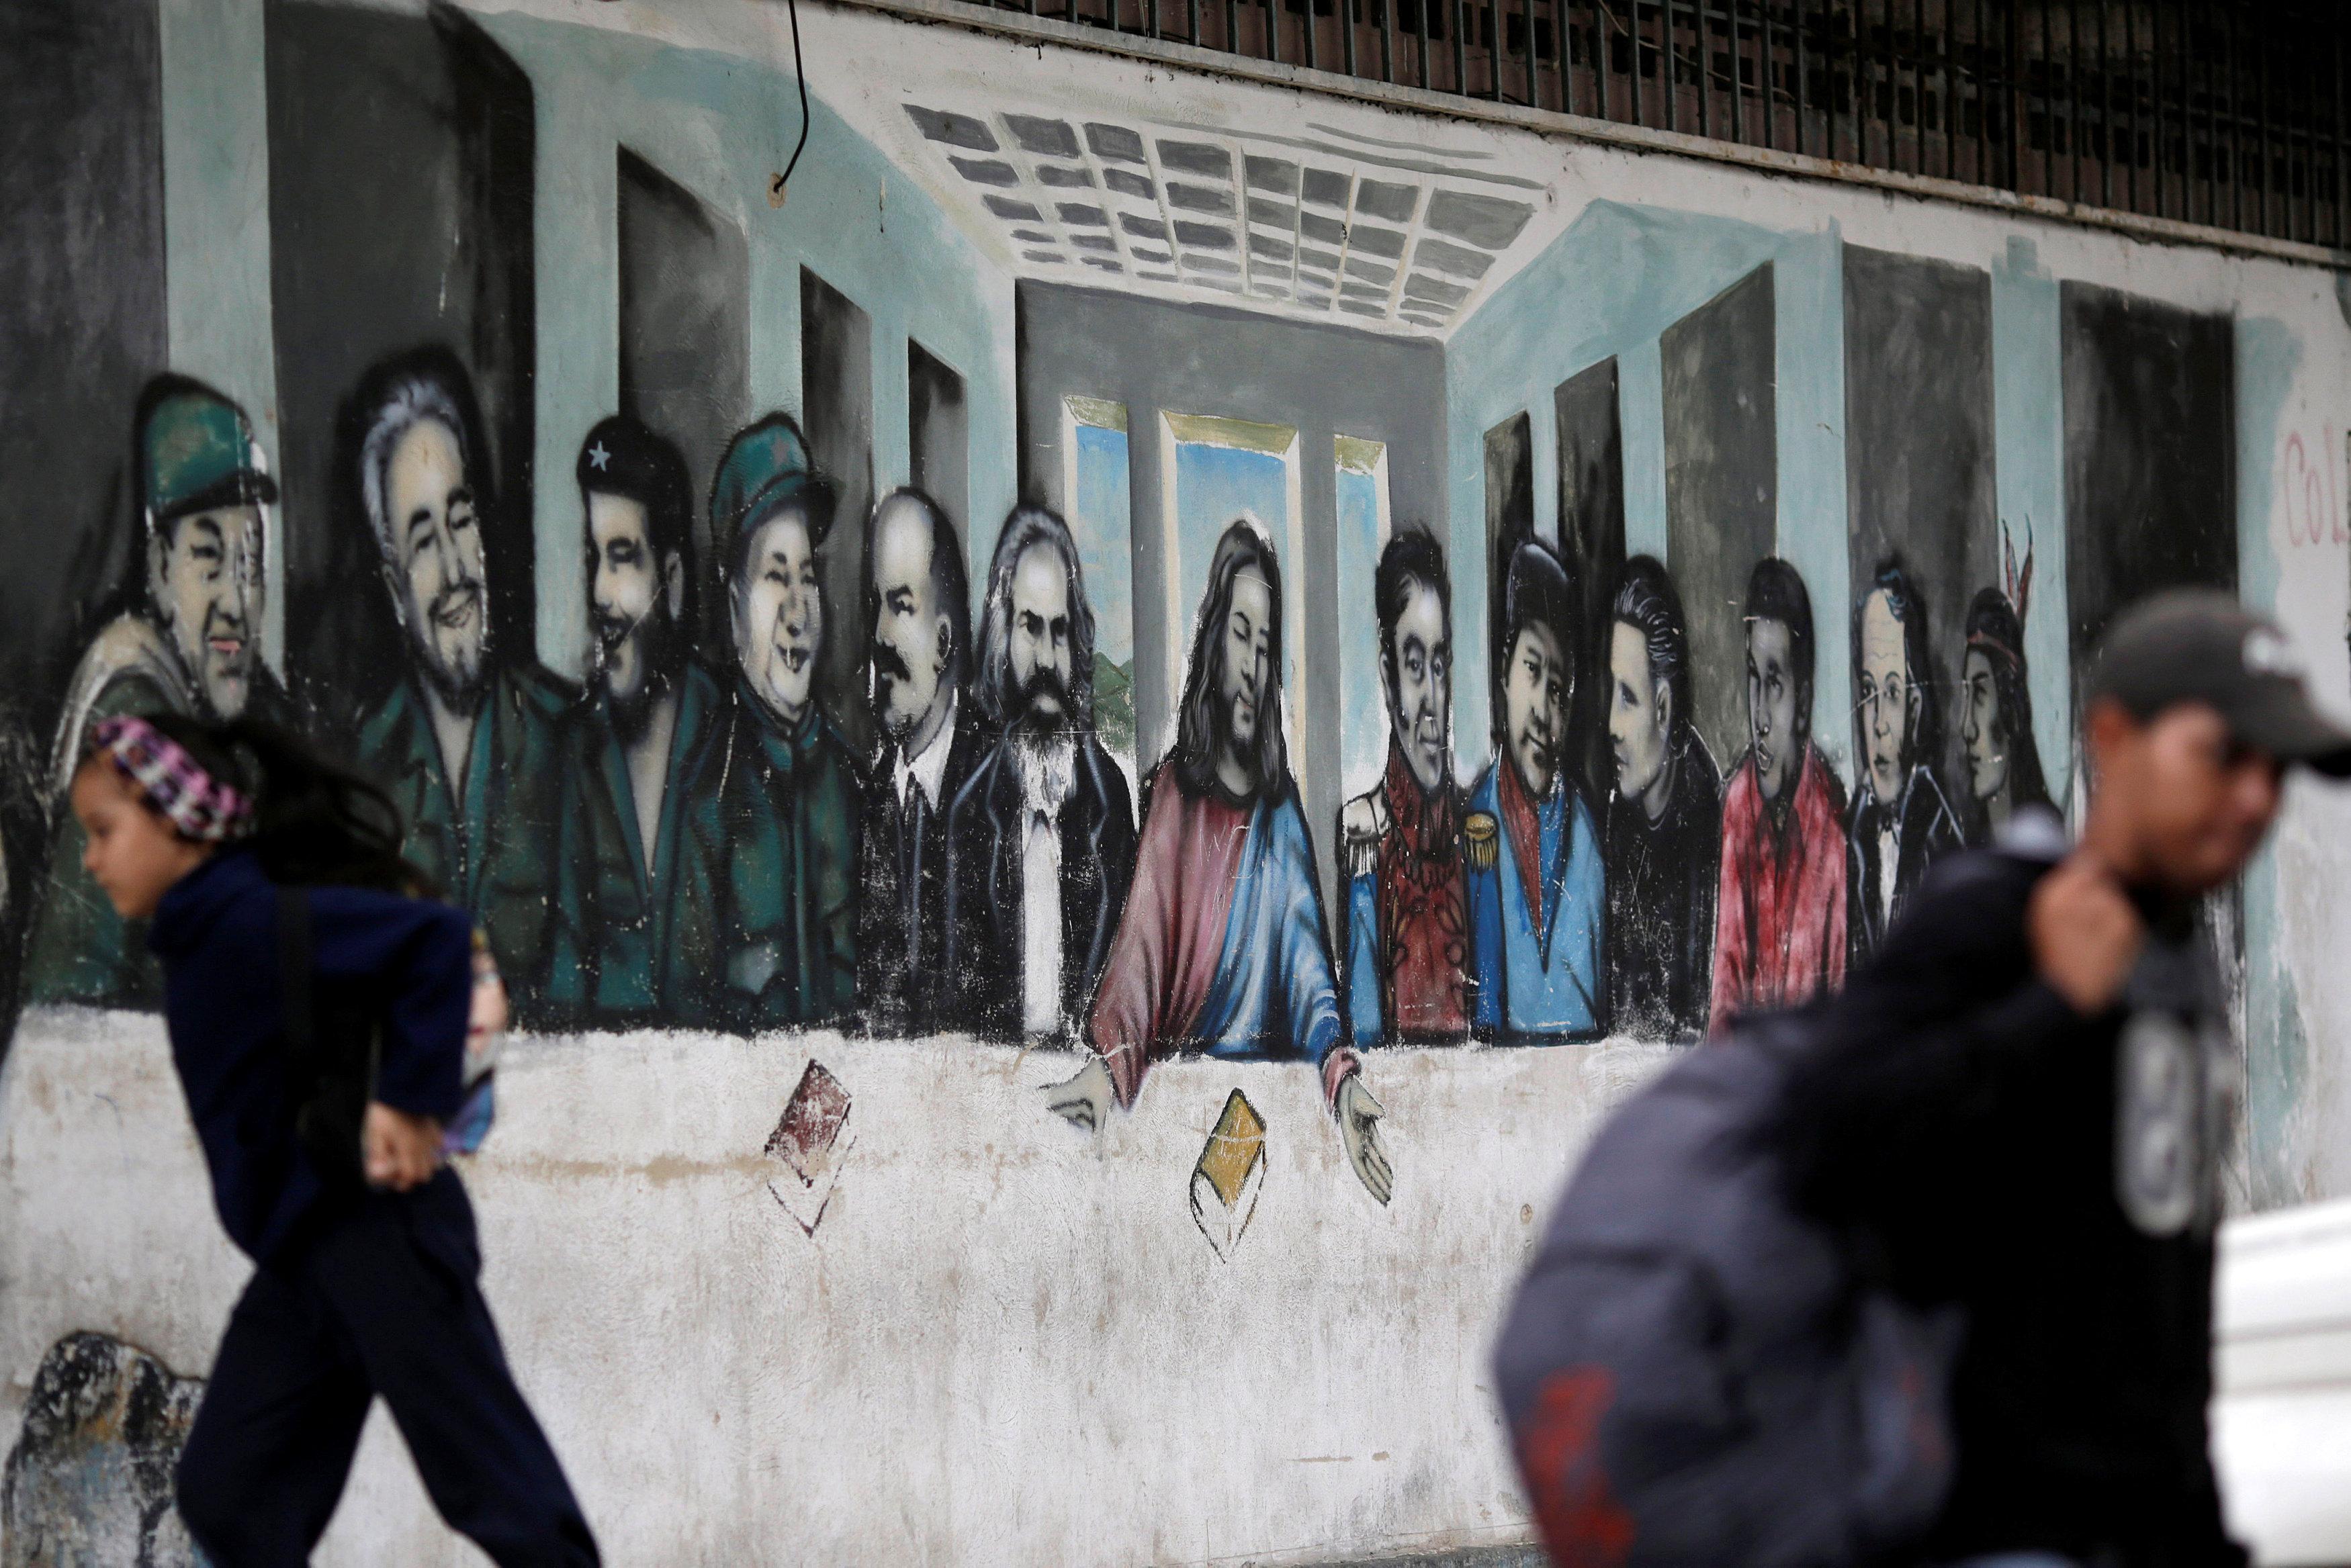 Марксистская «Тайная вечеря». Каракас, Венесуэла. 30 ноября 2016 года.